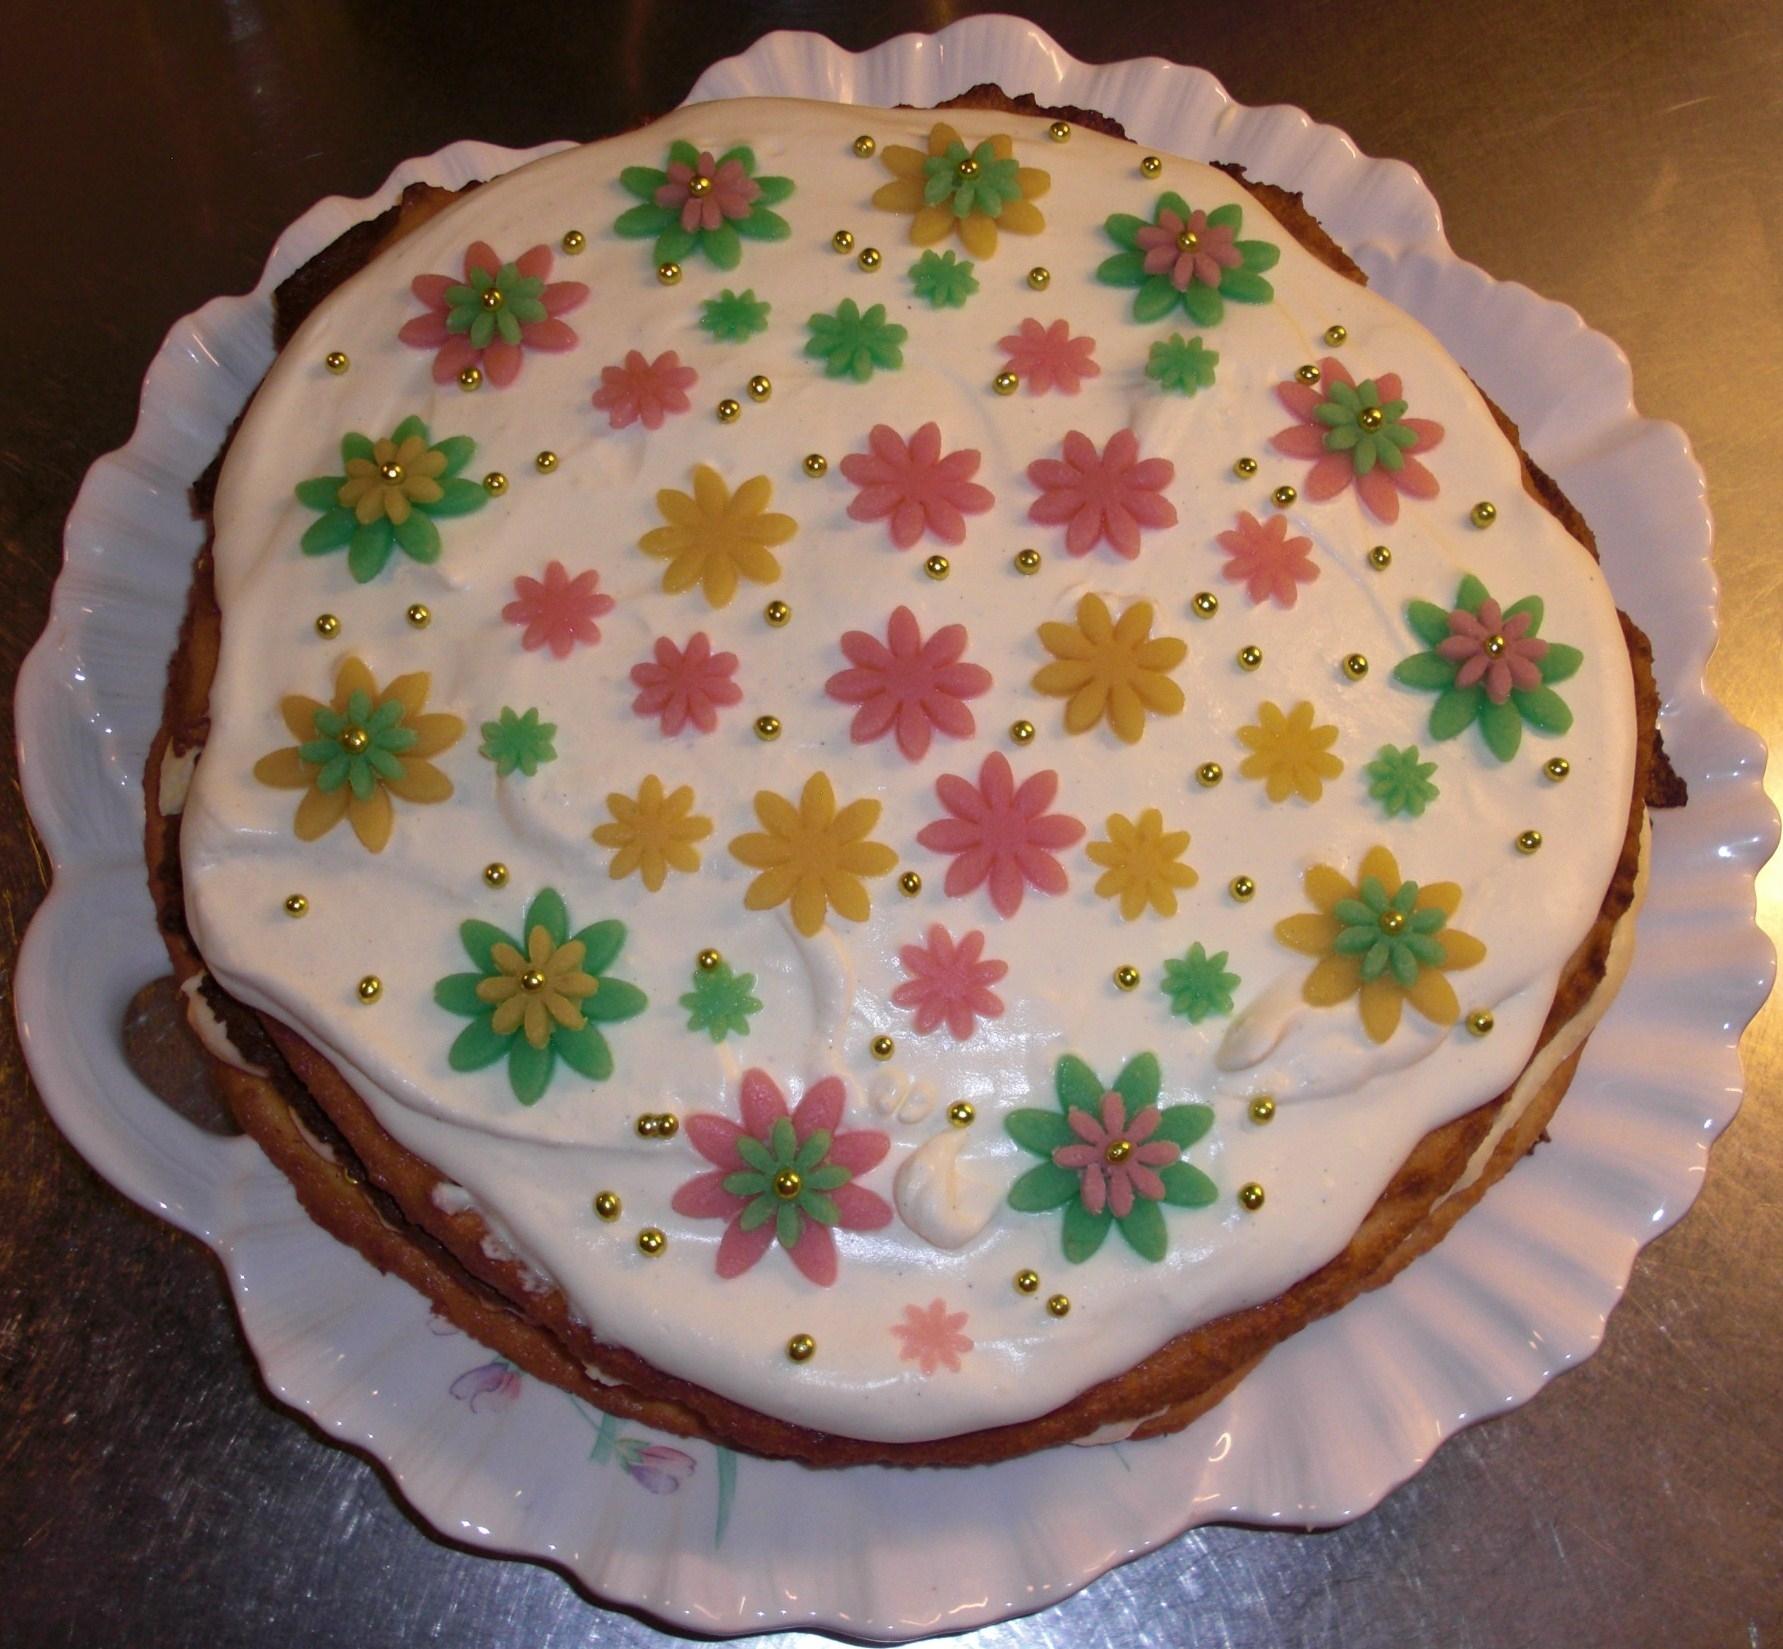 Lenas cloudberry cake / Lenas hjortrontårta